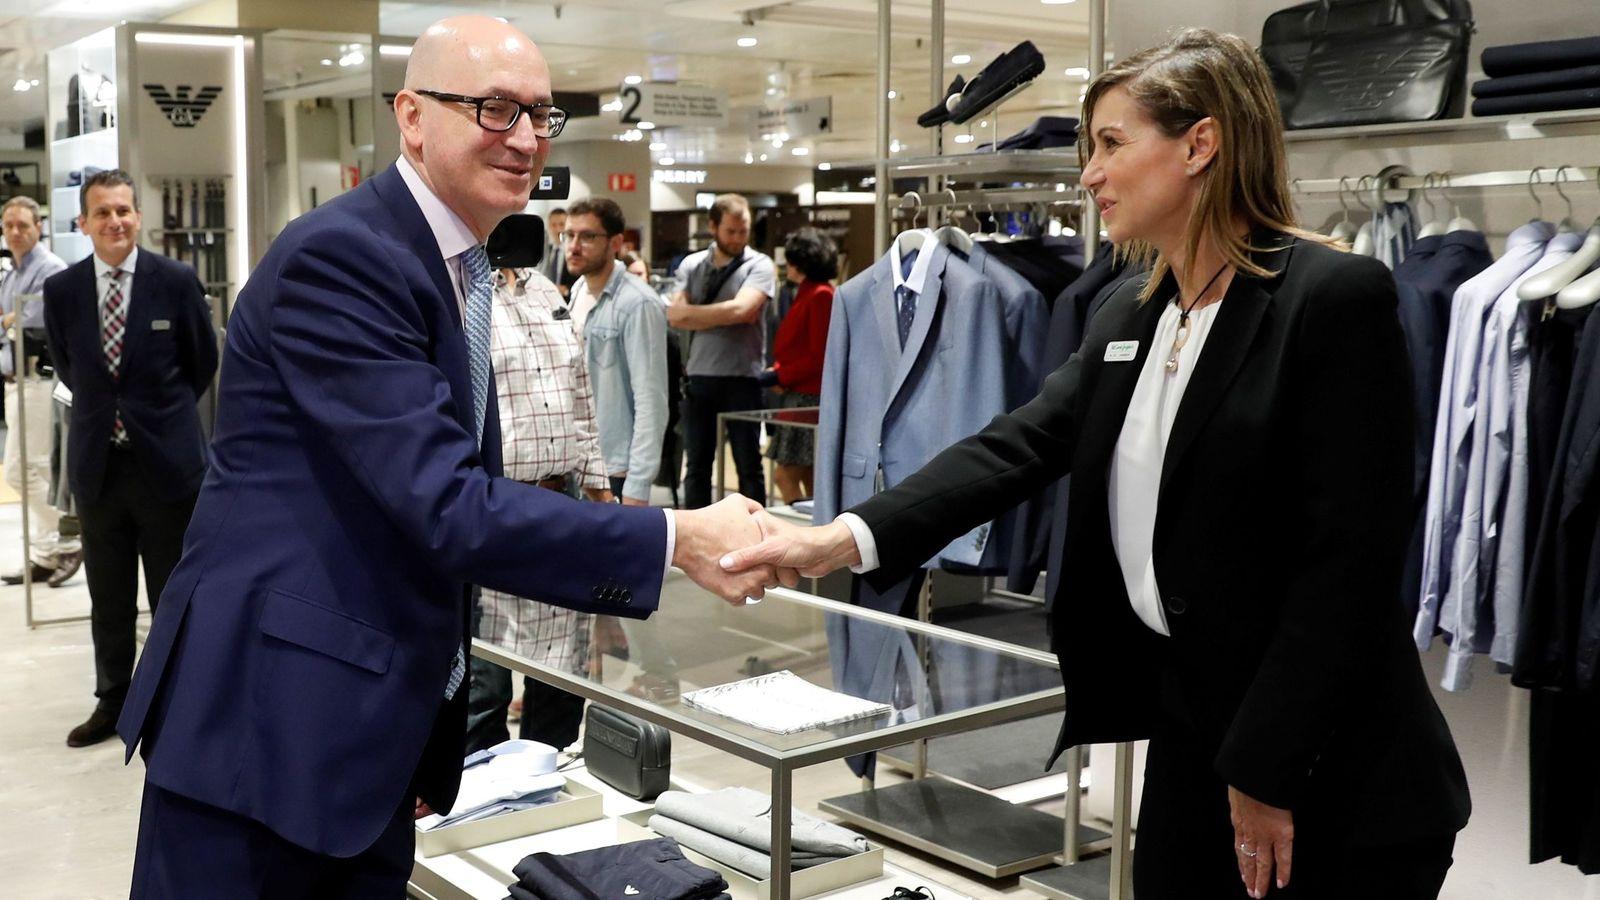 Foto: El presidente de El Corte Inglés, Jesús Nuño de la Rosa, saluda a una de las empleadas de uno de los establecimientos del grupo en Madrid. (EFE)